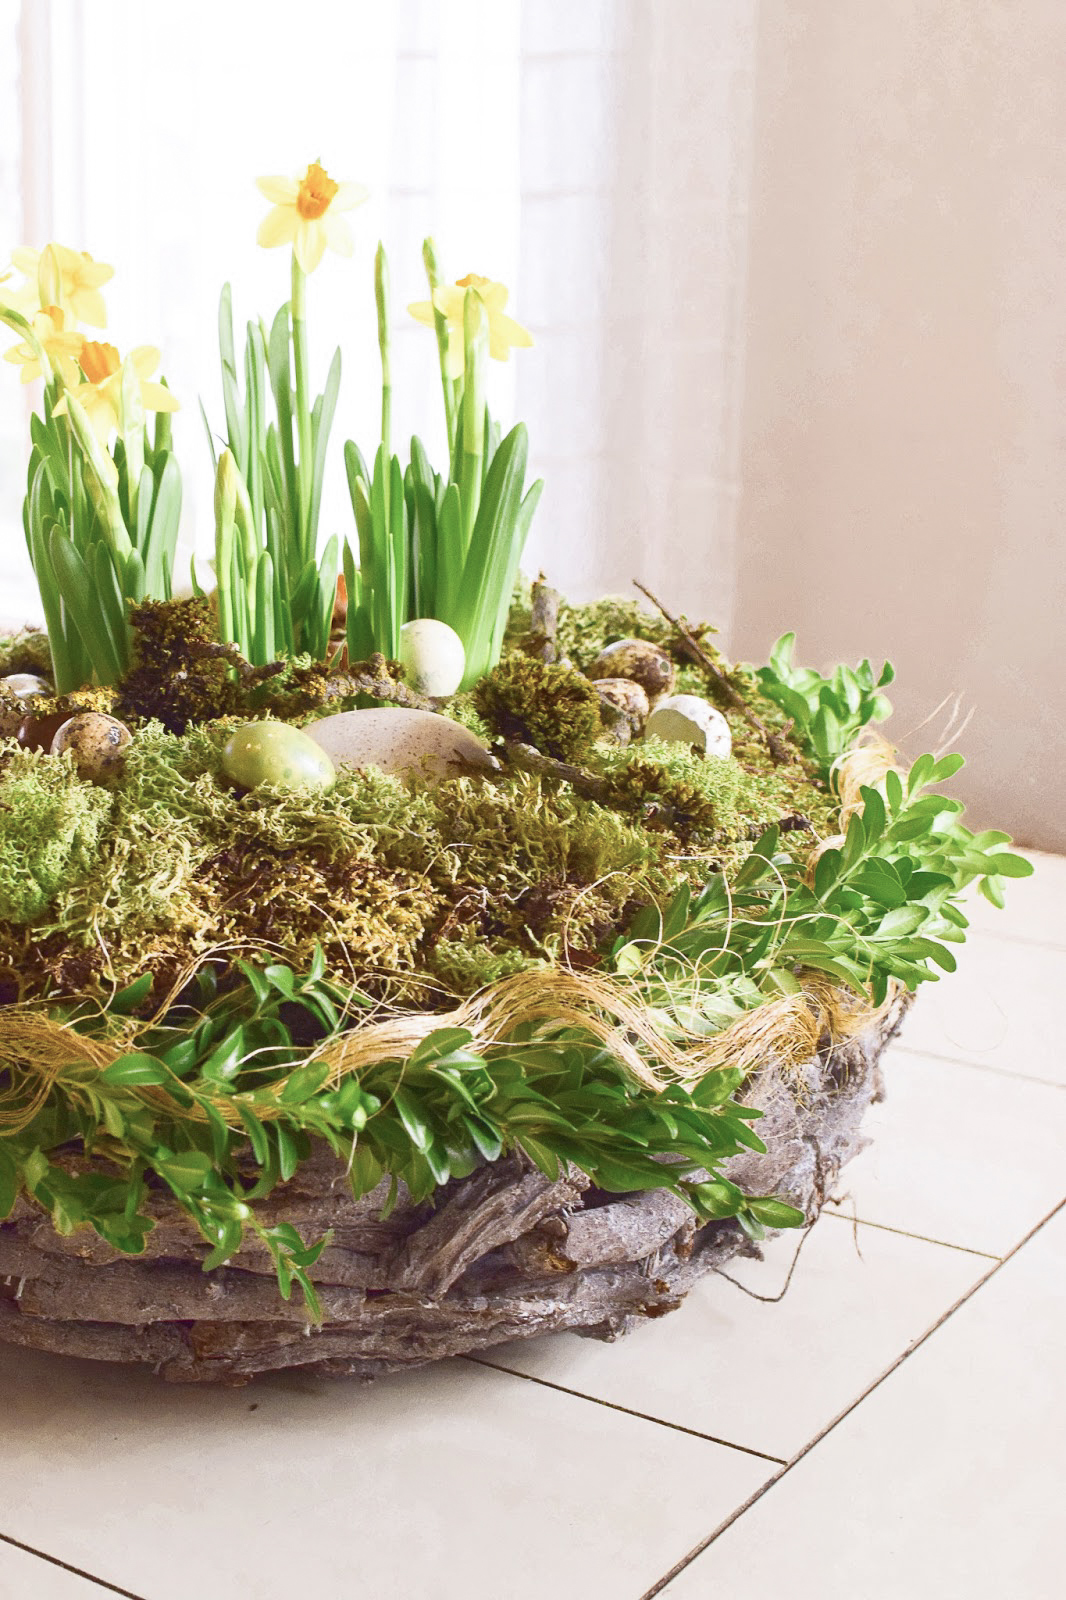 Osterdeko mit Natur: DIY Osternest mit Moos, Holzkranz, Narzissen, Eiern, Buchs. Einfach selber machen Ostern Dekoidee